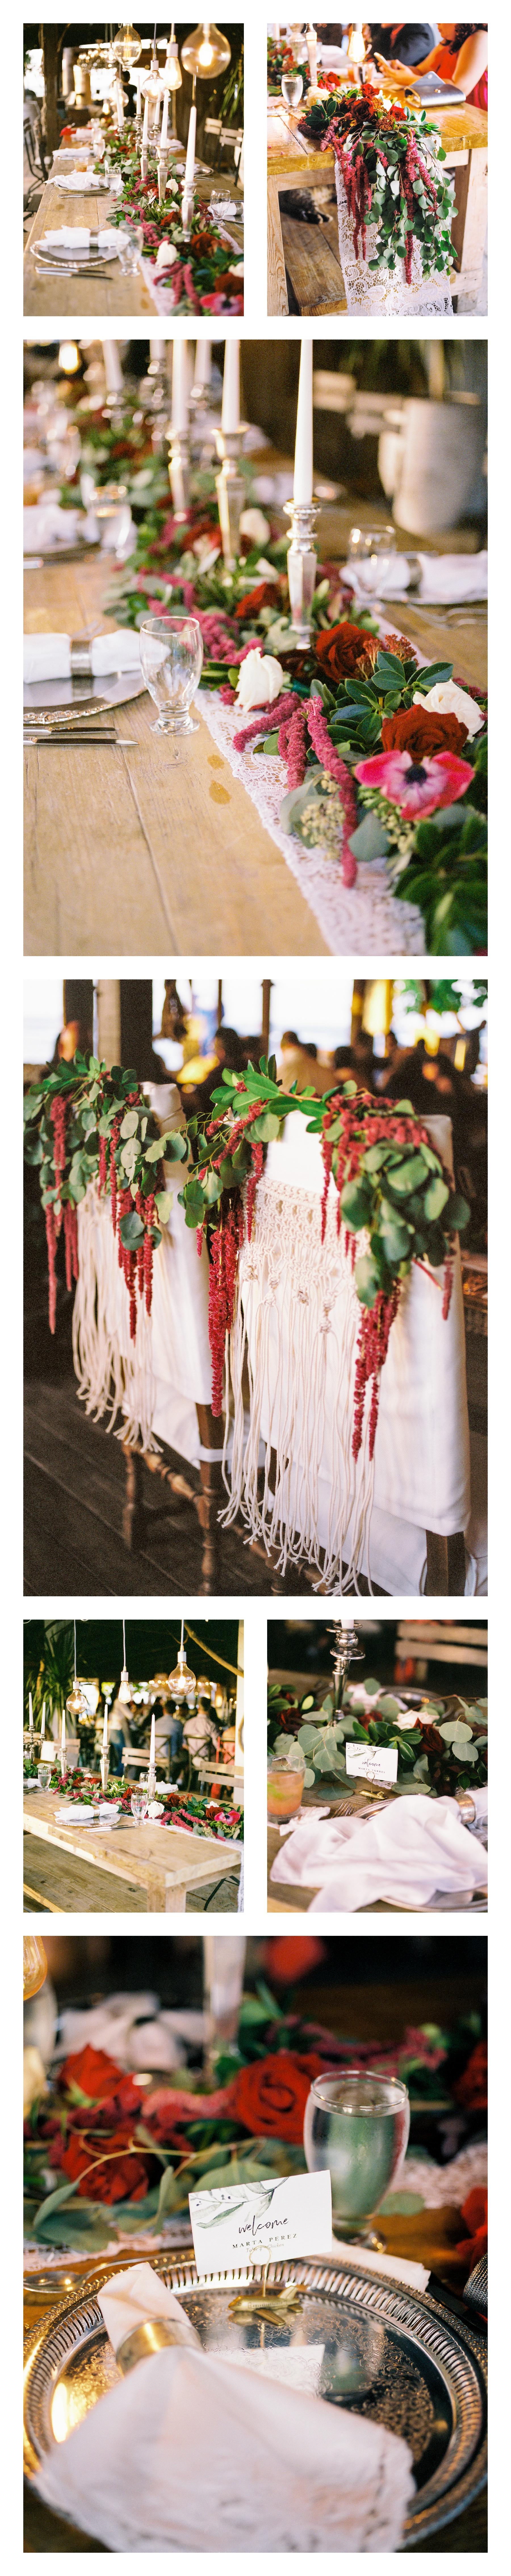 villa-montana-resort-isabela-puerto-rico-wedding_0017.jpg